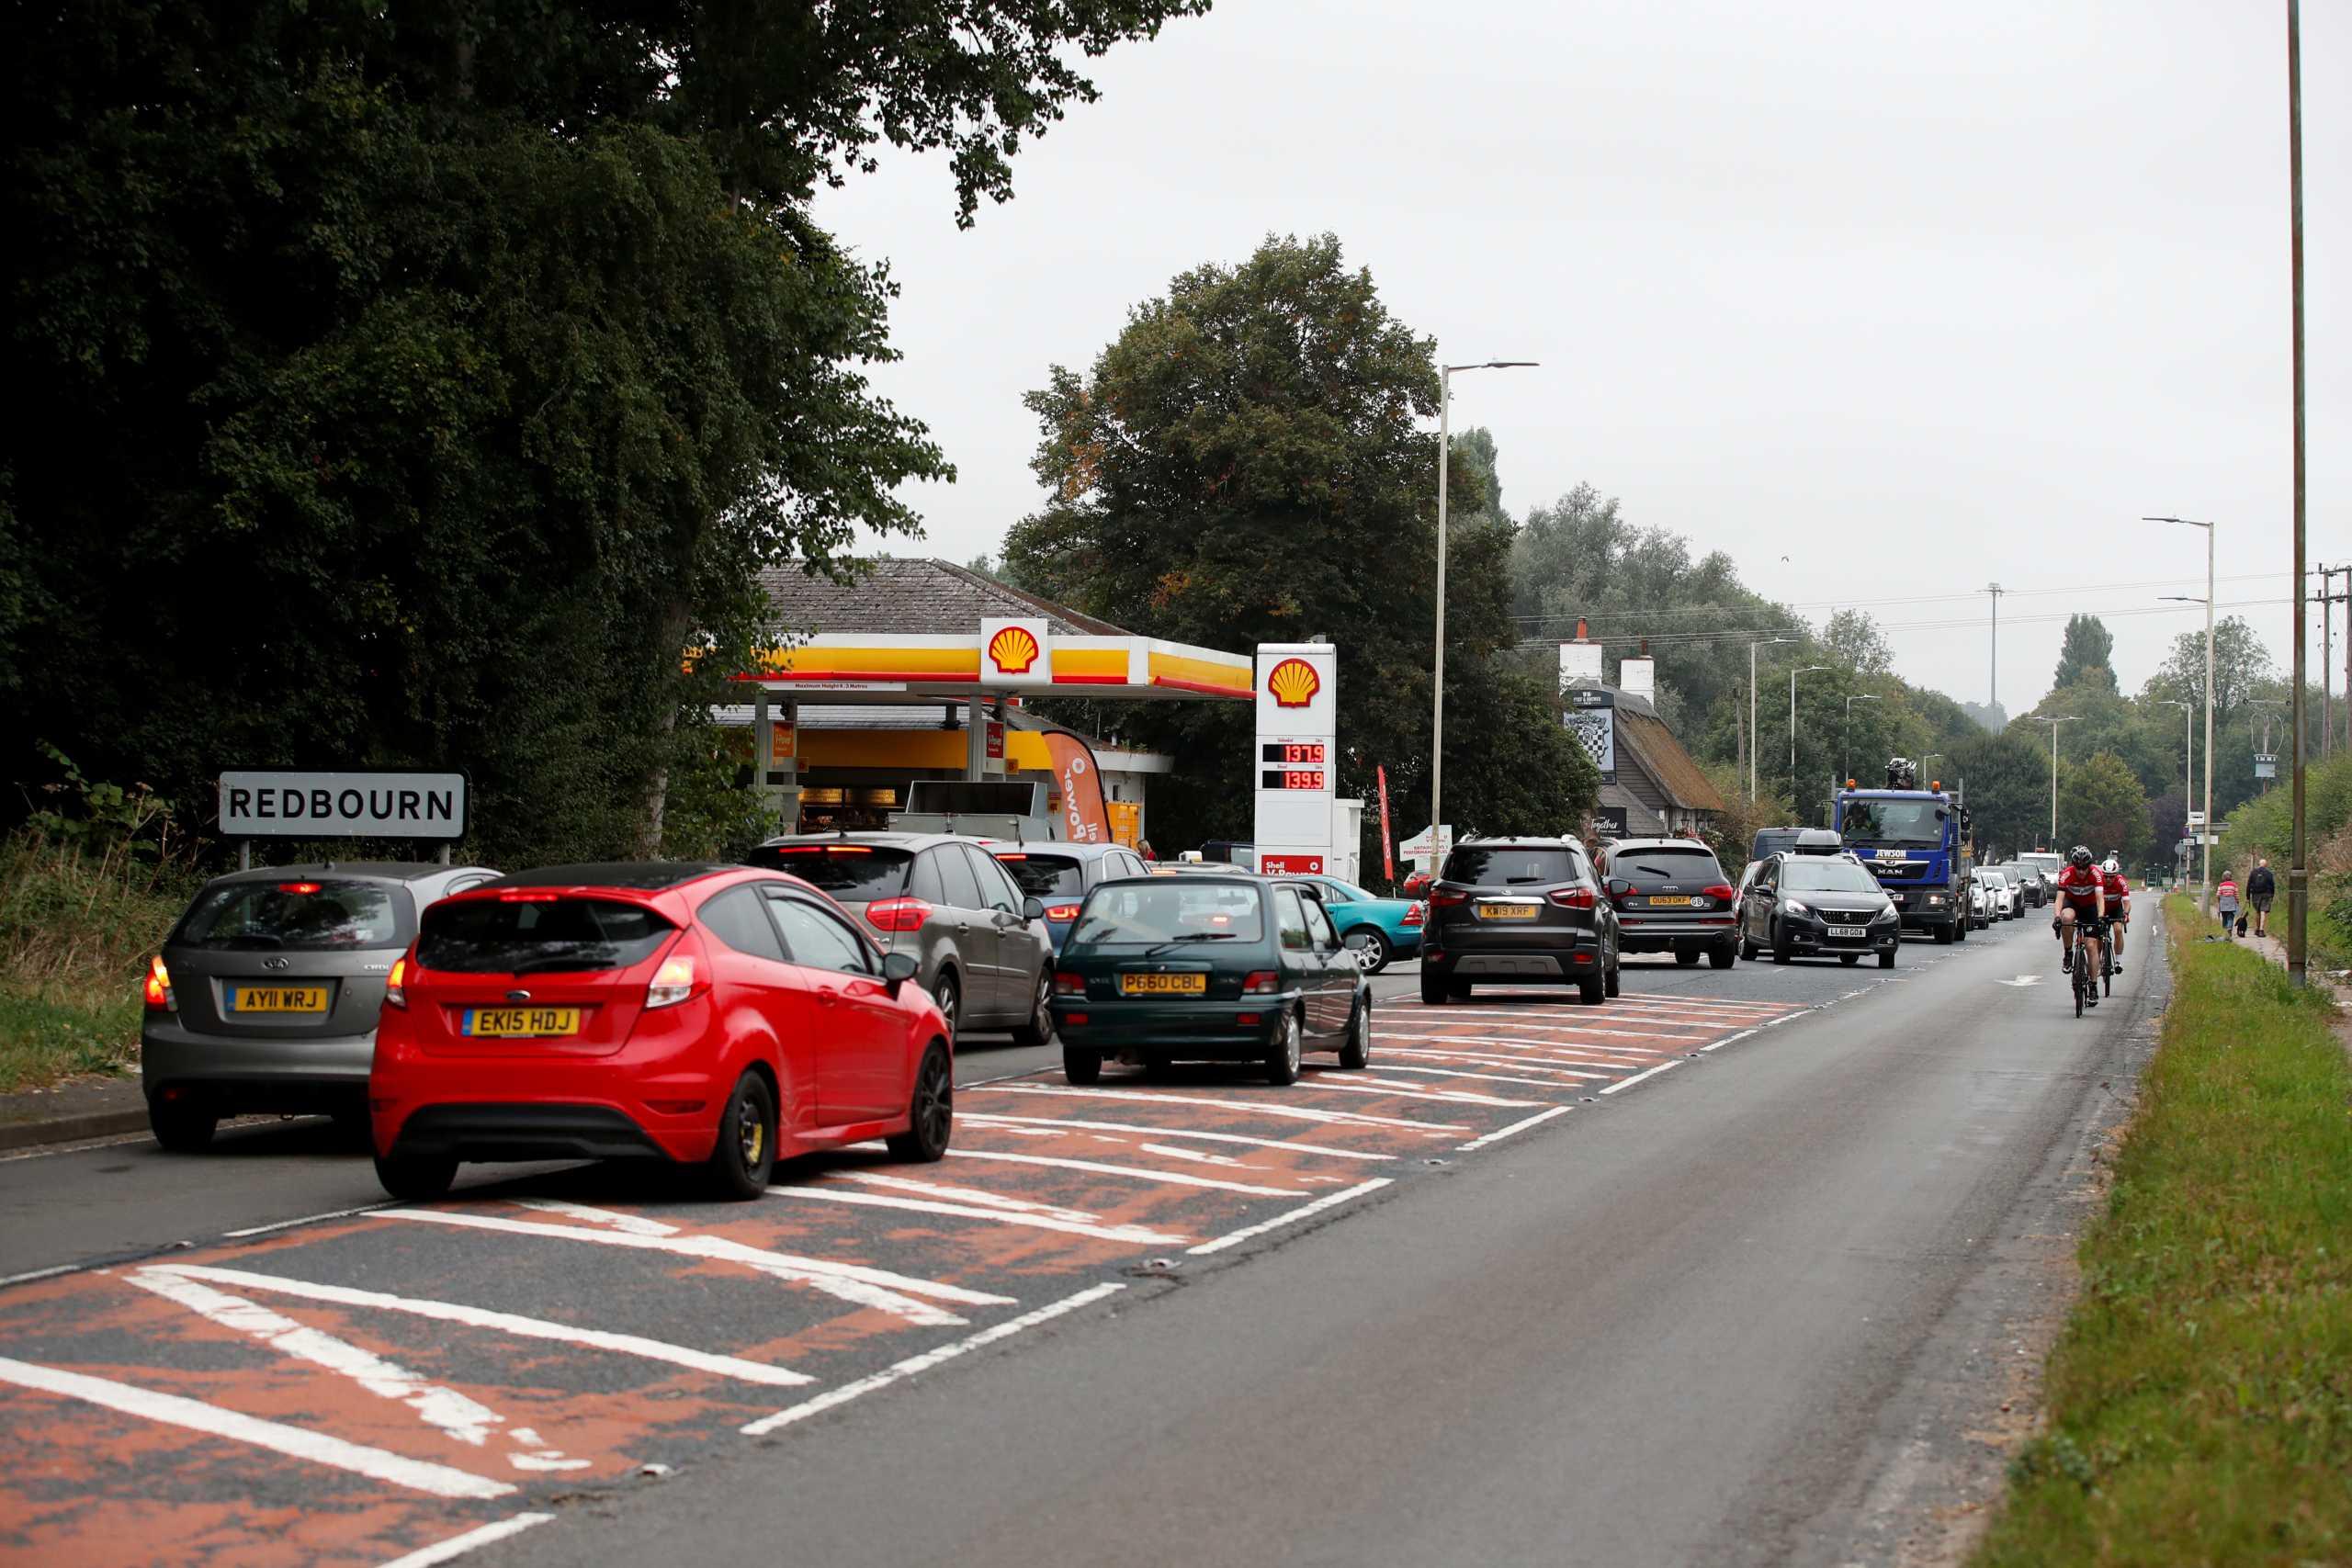 Βρετανία: Ο Μπόρις Τζόνσον χορηγεί βίζα σε 5.000 οδηγούς φορτηγών για να γεμίσουν καύσιμα